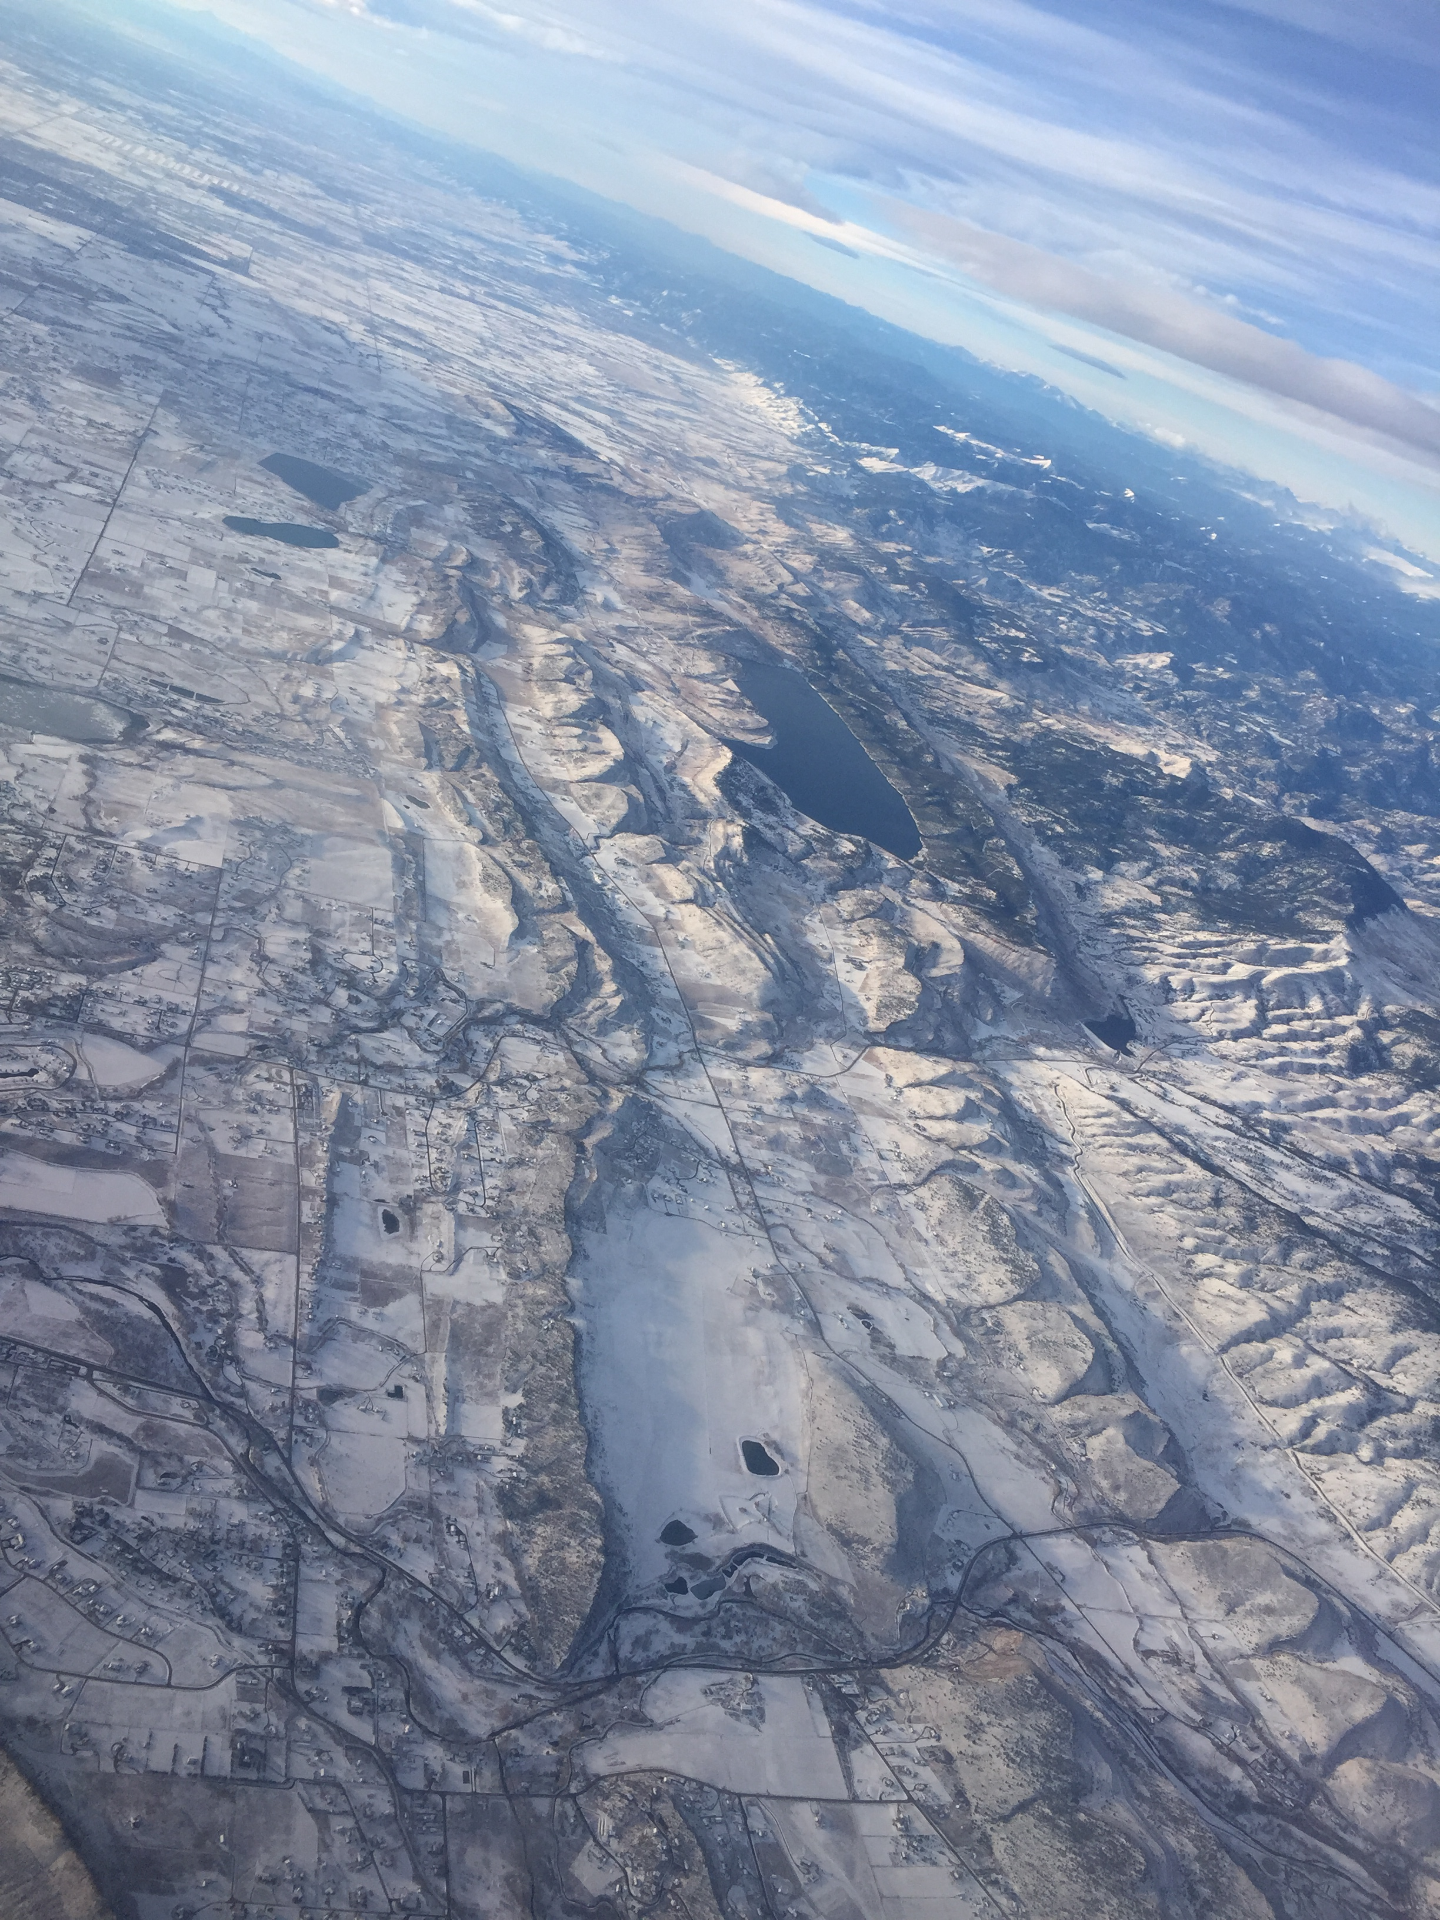 Hmmm... Wyoming